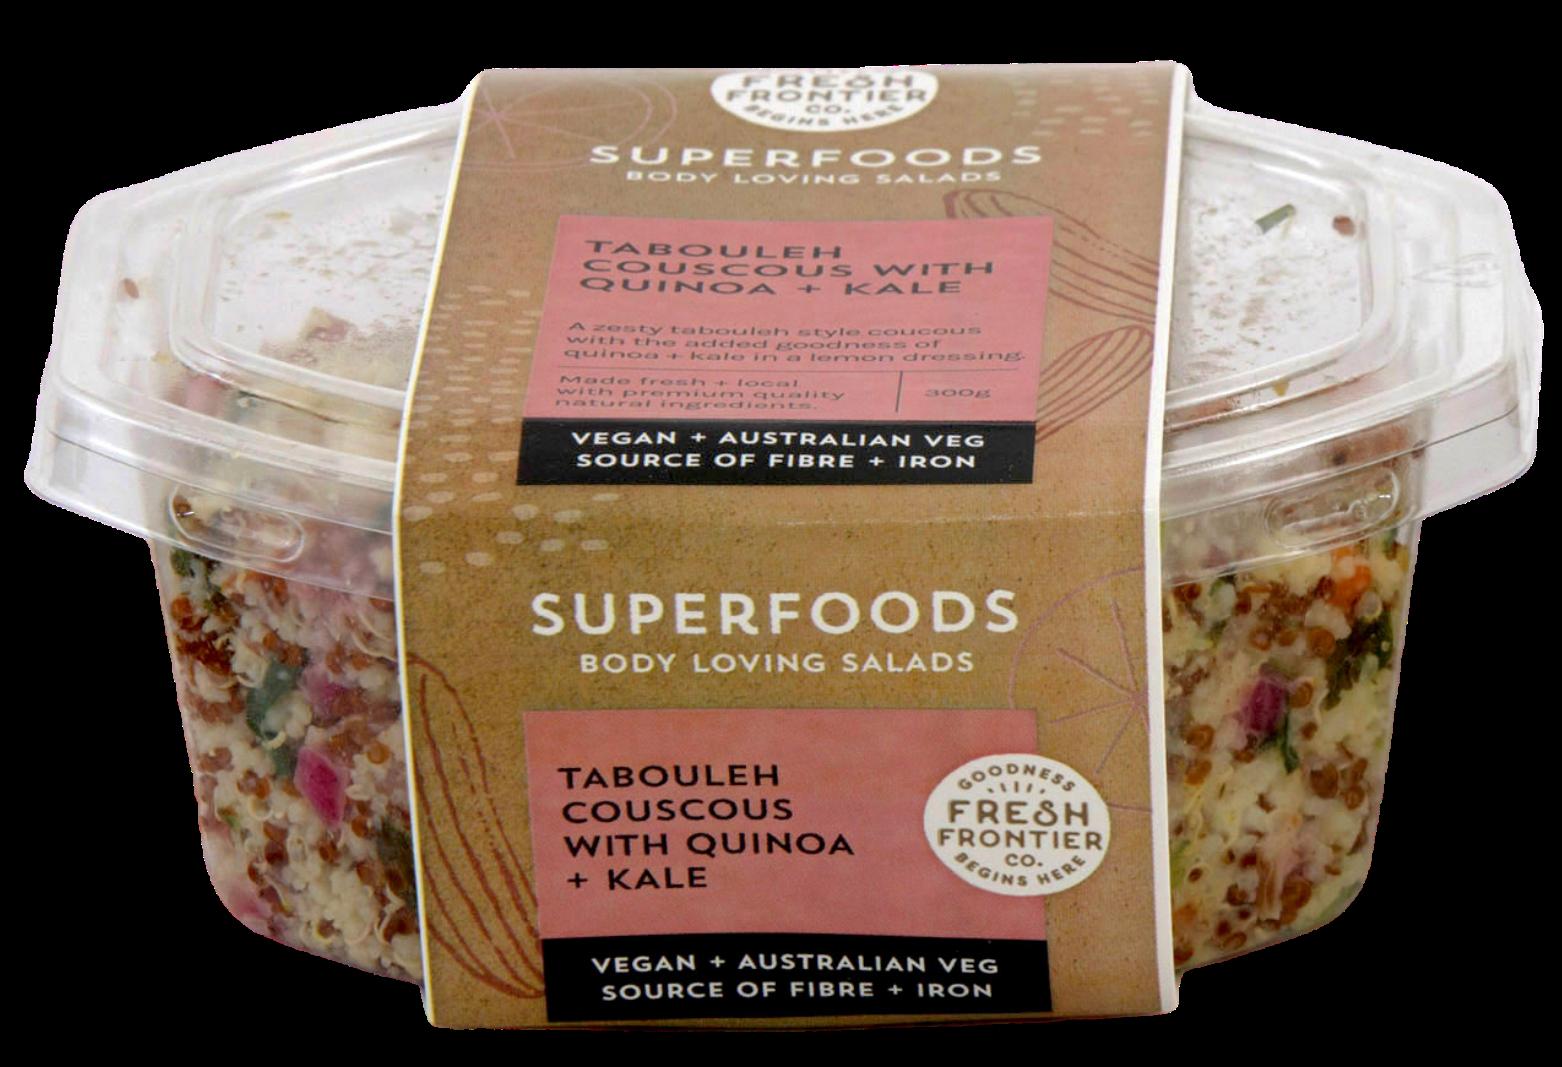 Tabouleh Couscous with Quinoa + Kale